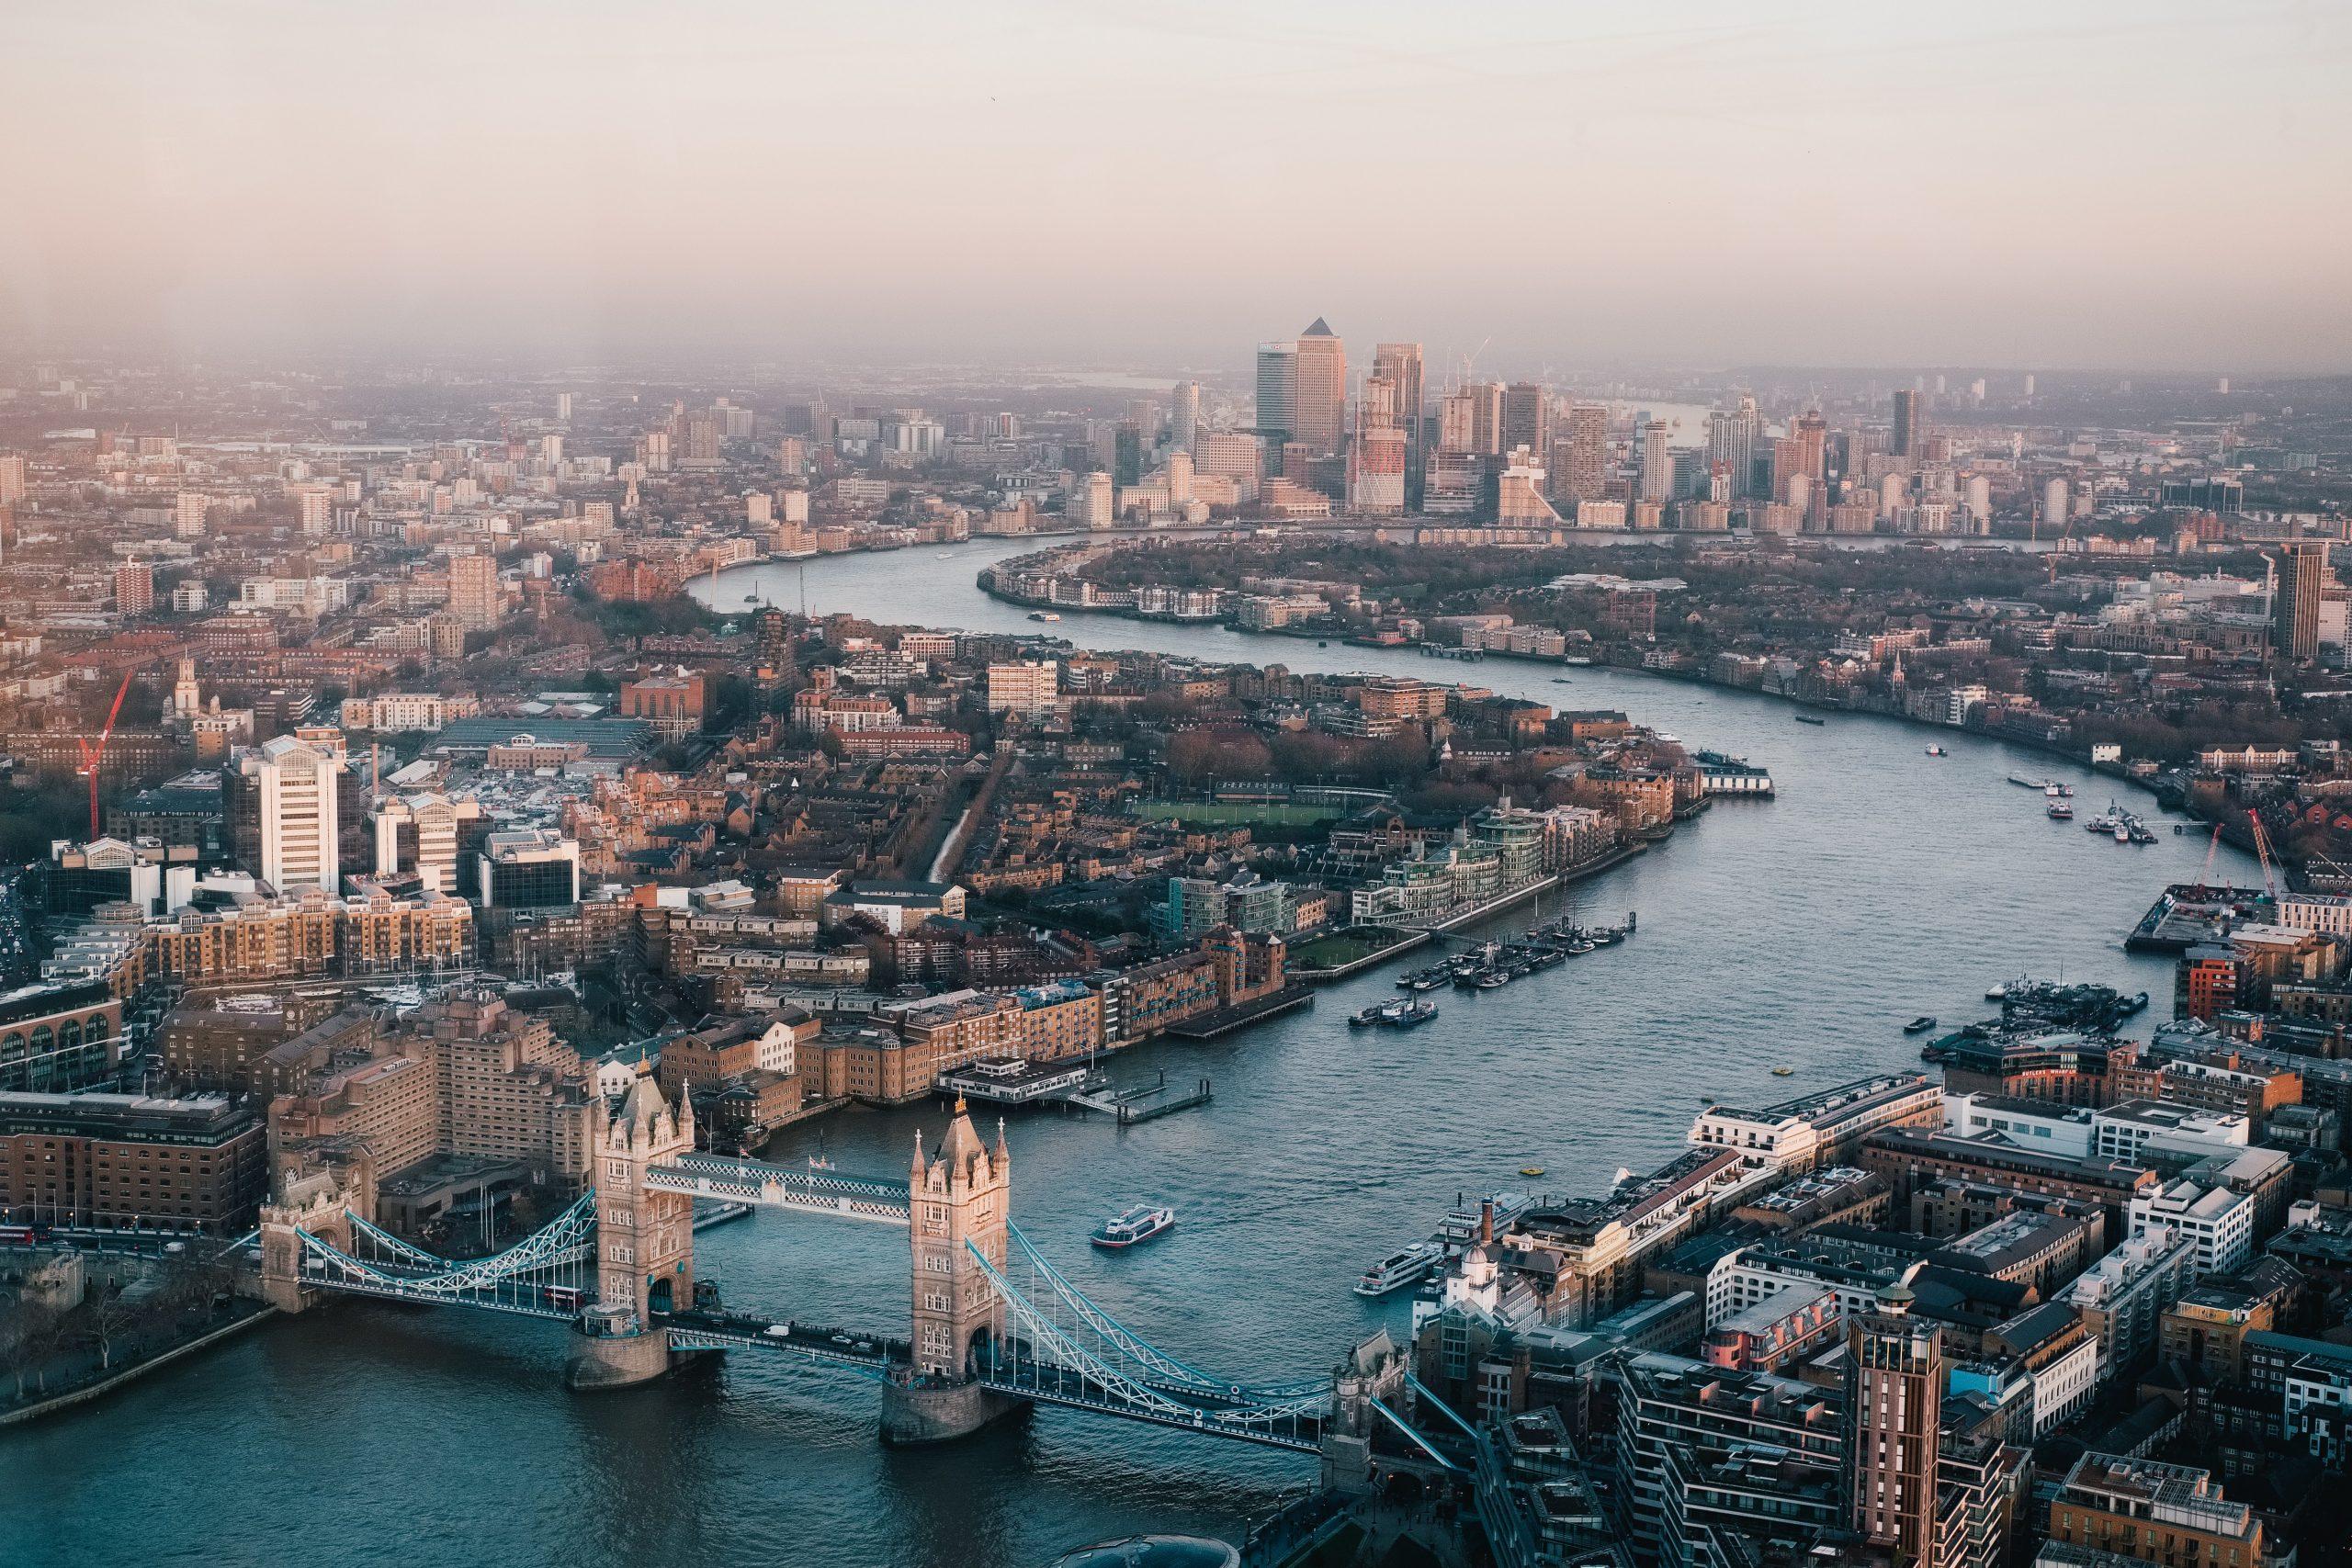 london, services, abacus transport, pallets, deliveries, hazardous, abnormal loads